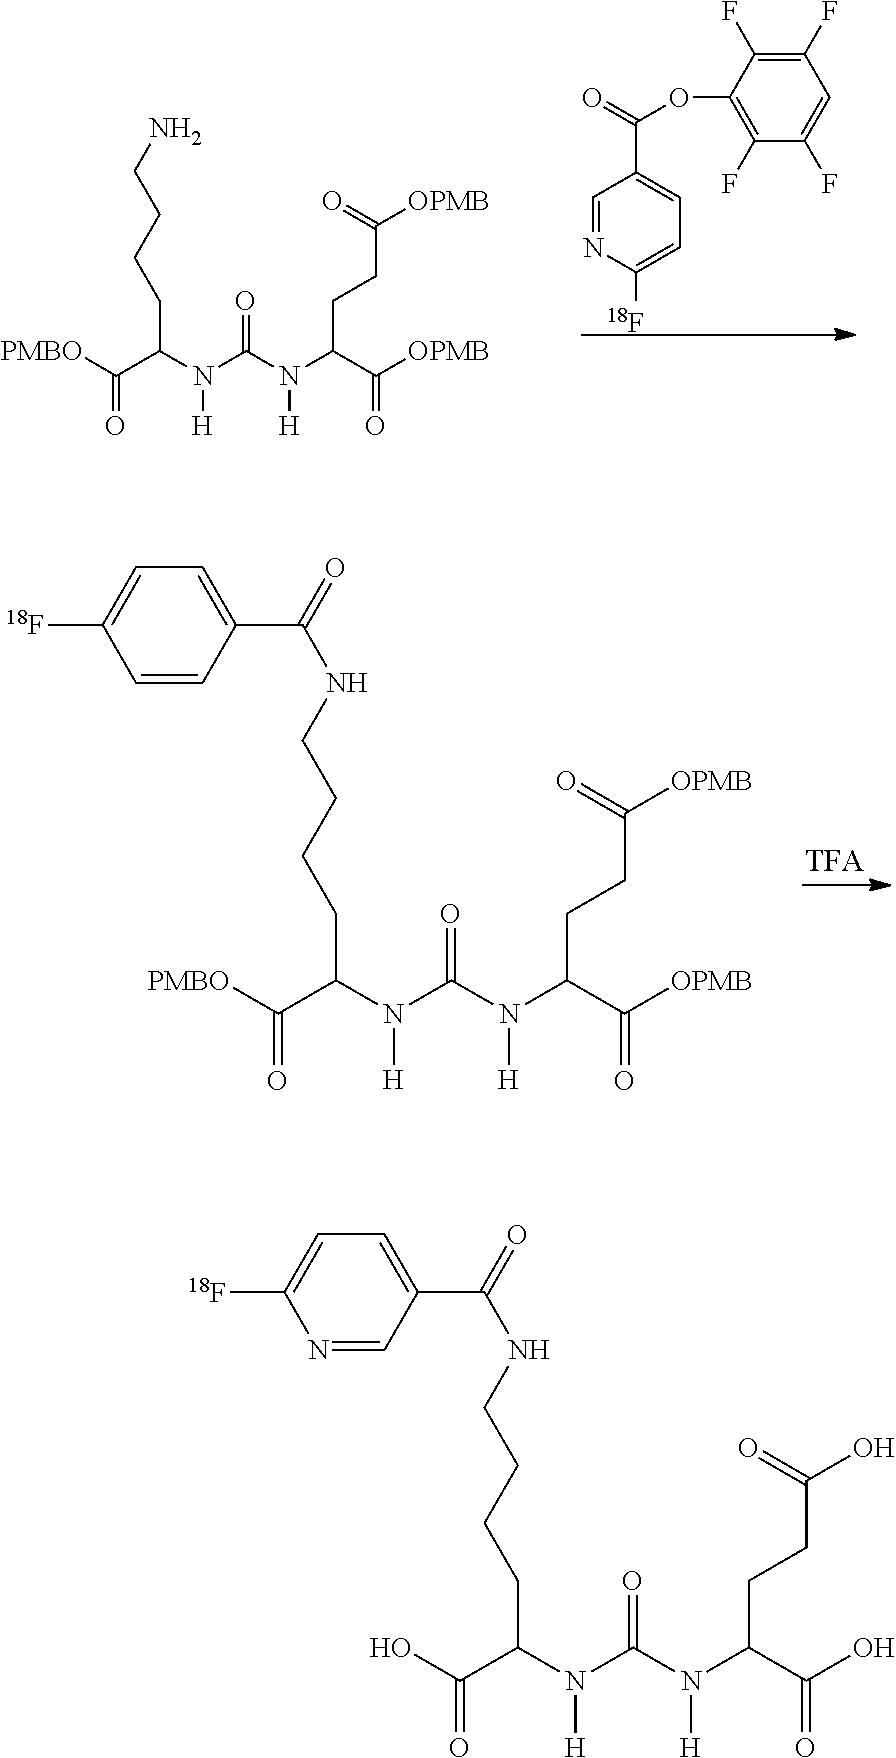 Figure US09861713-20180109-C00026